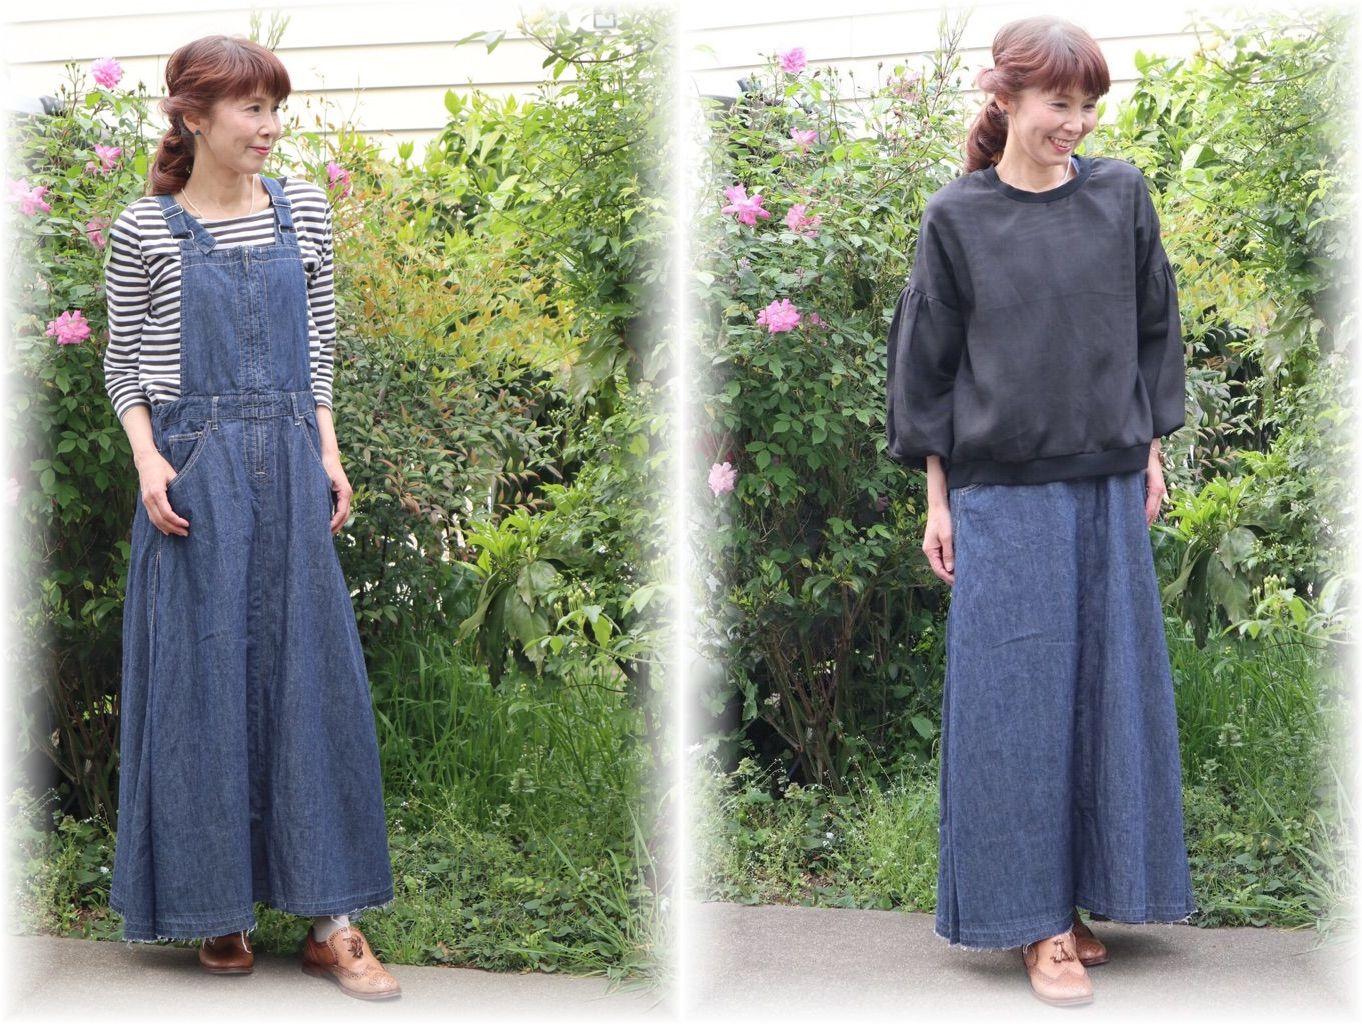 デニムサロペットスカート<font color=#ff0000>SOLD OUT</font>